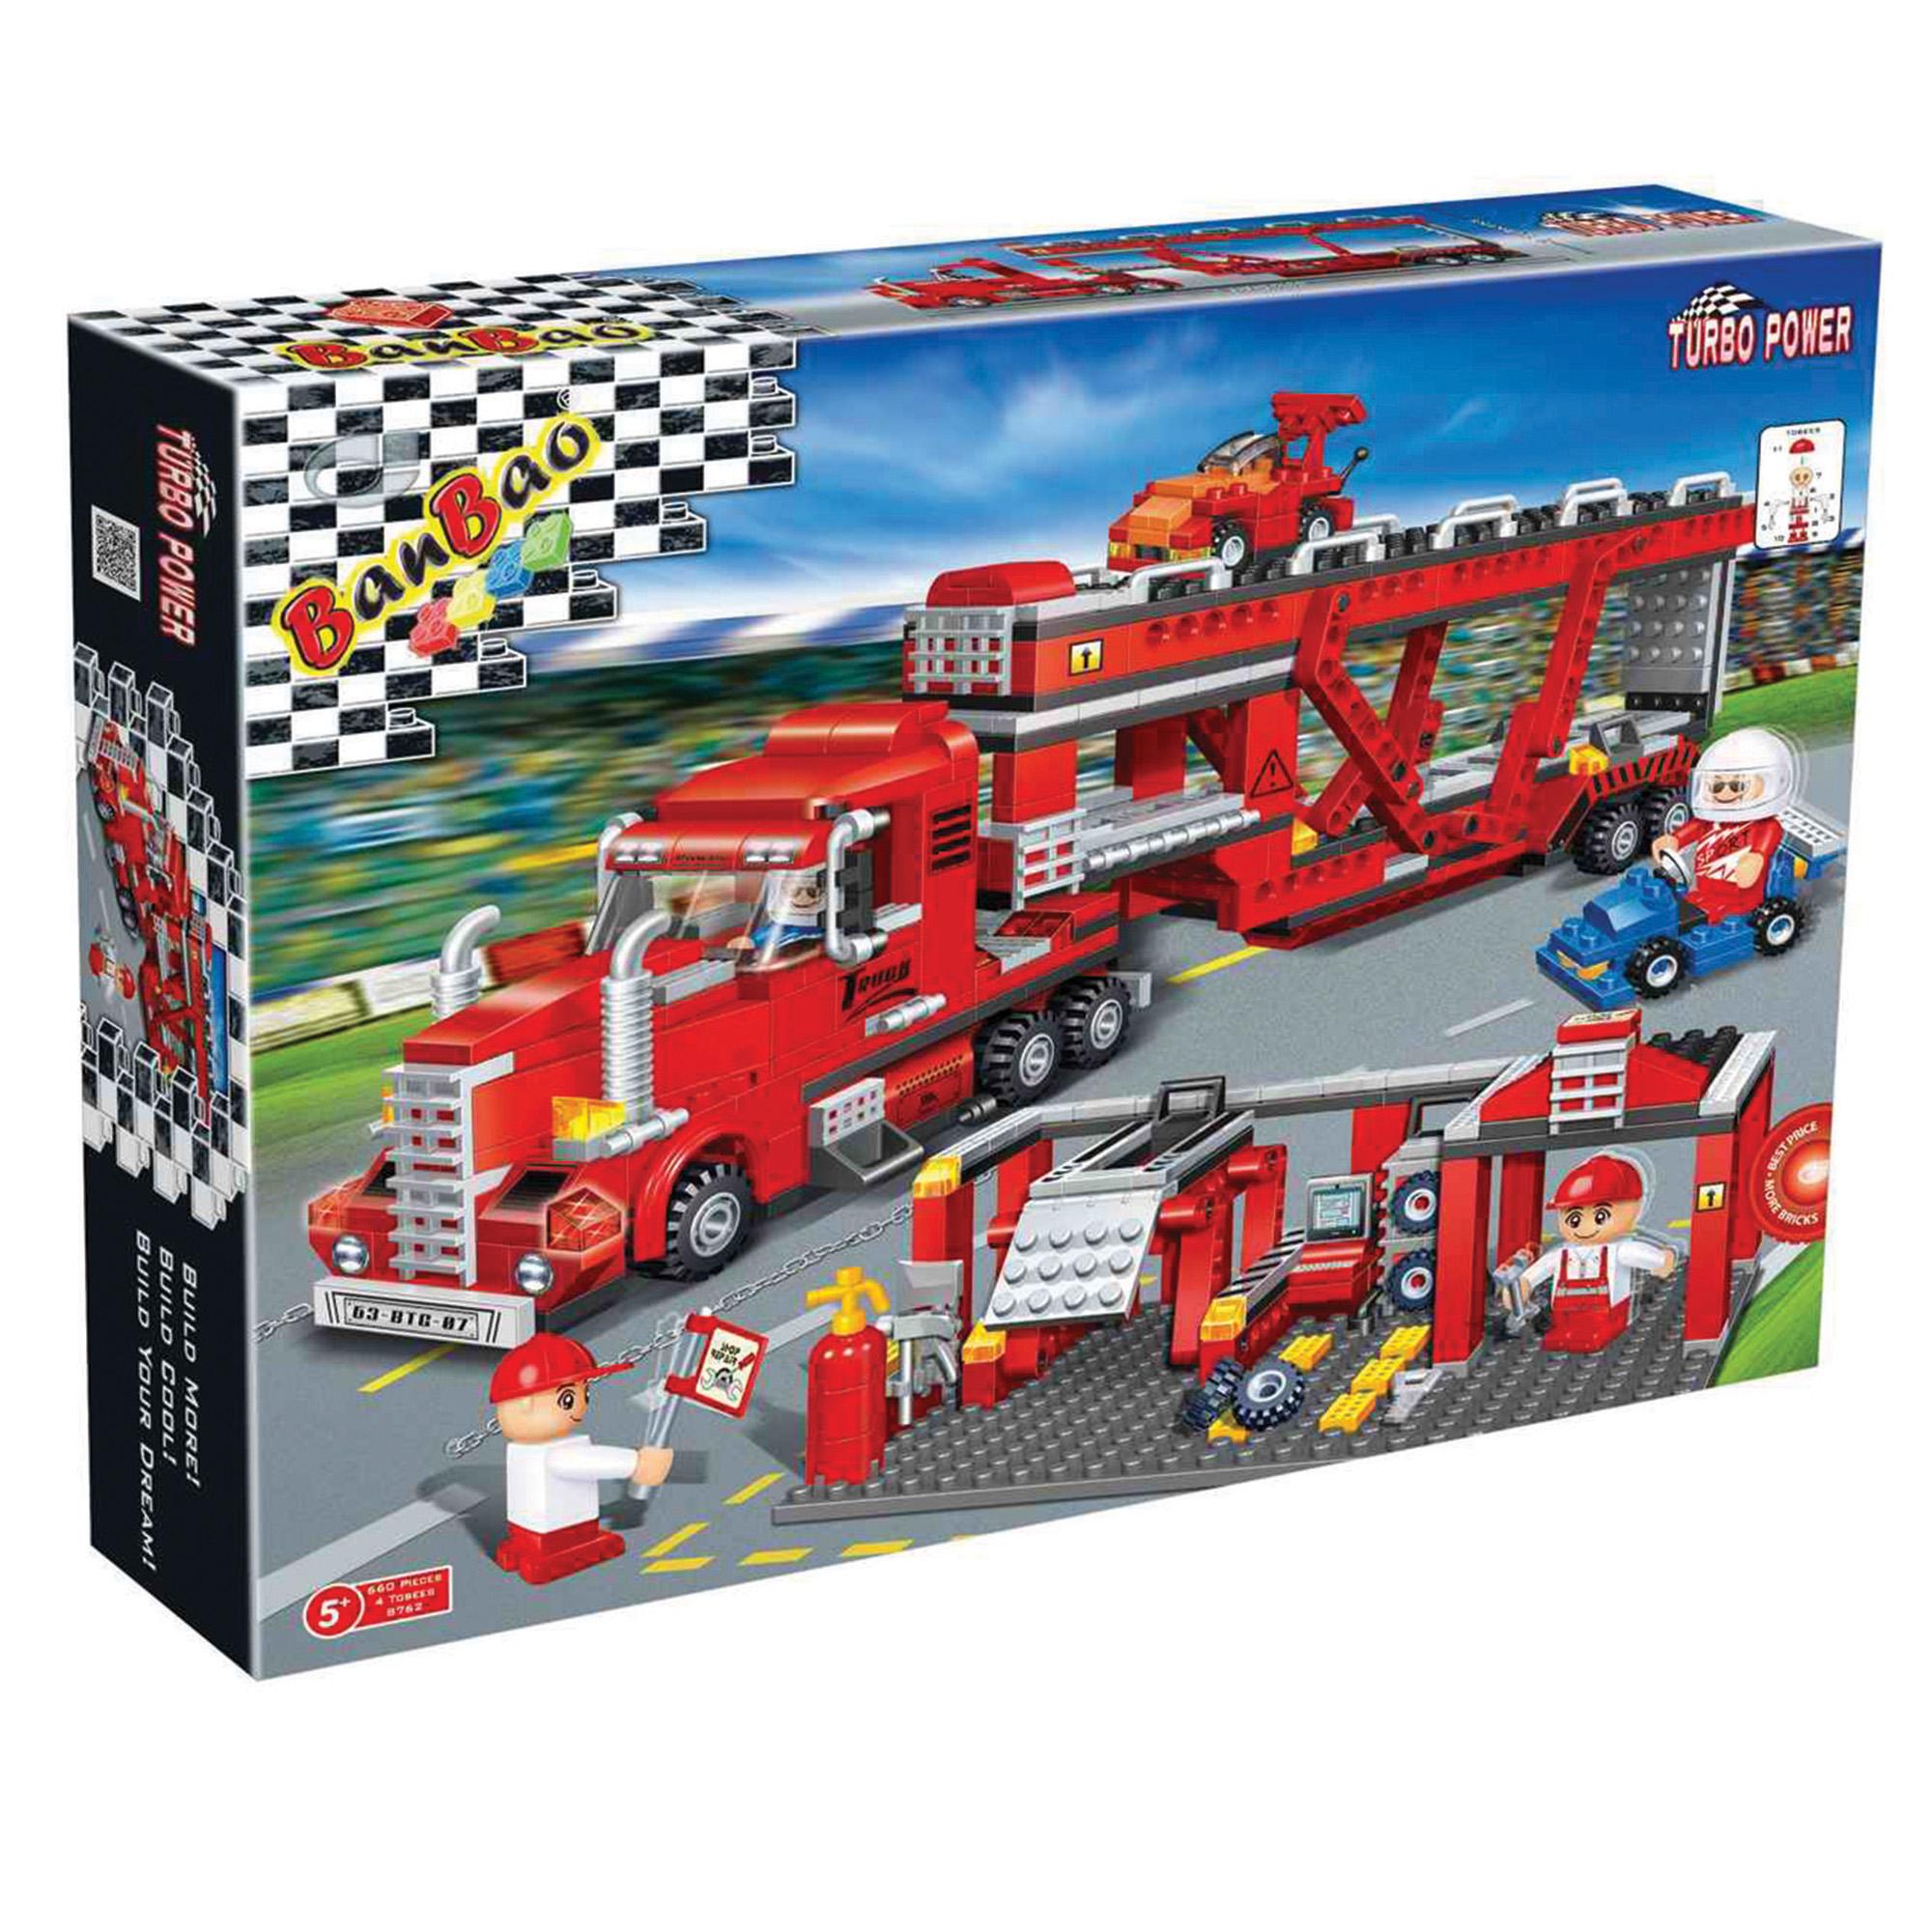 jeux de soci t turbo power camion rouge maint enfants ditions gladius. Black Bedroom Furniture Sets. Home Design Ideas